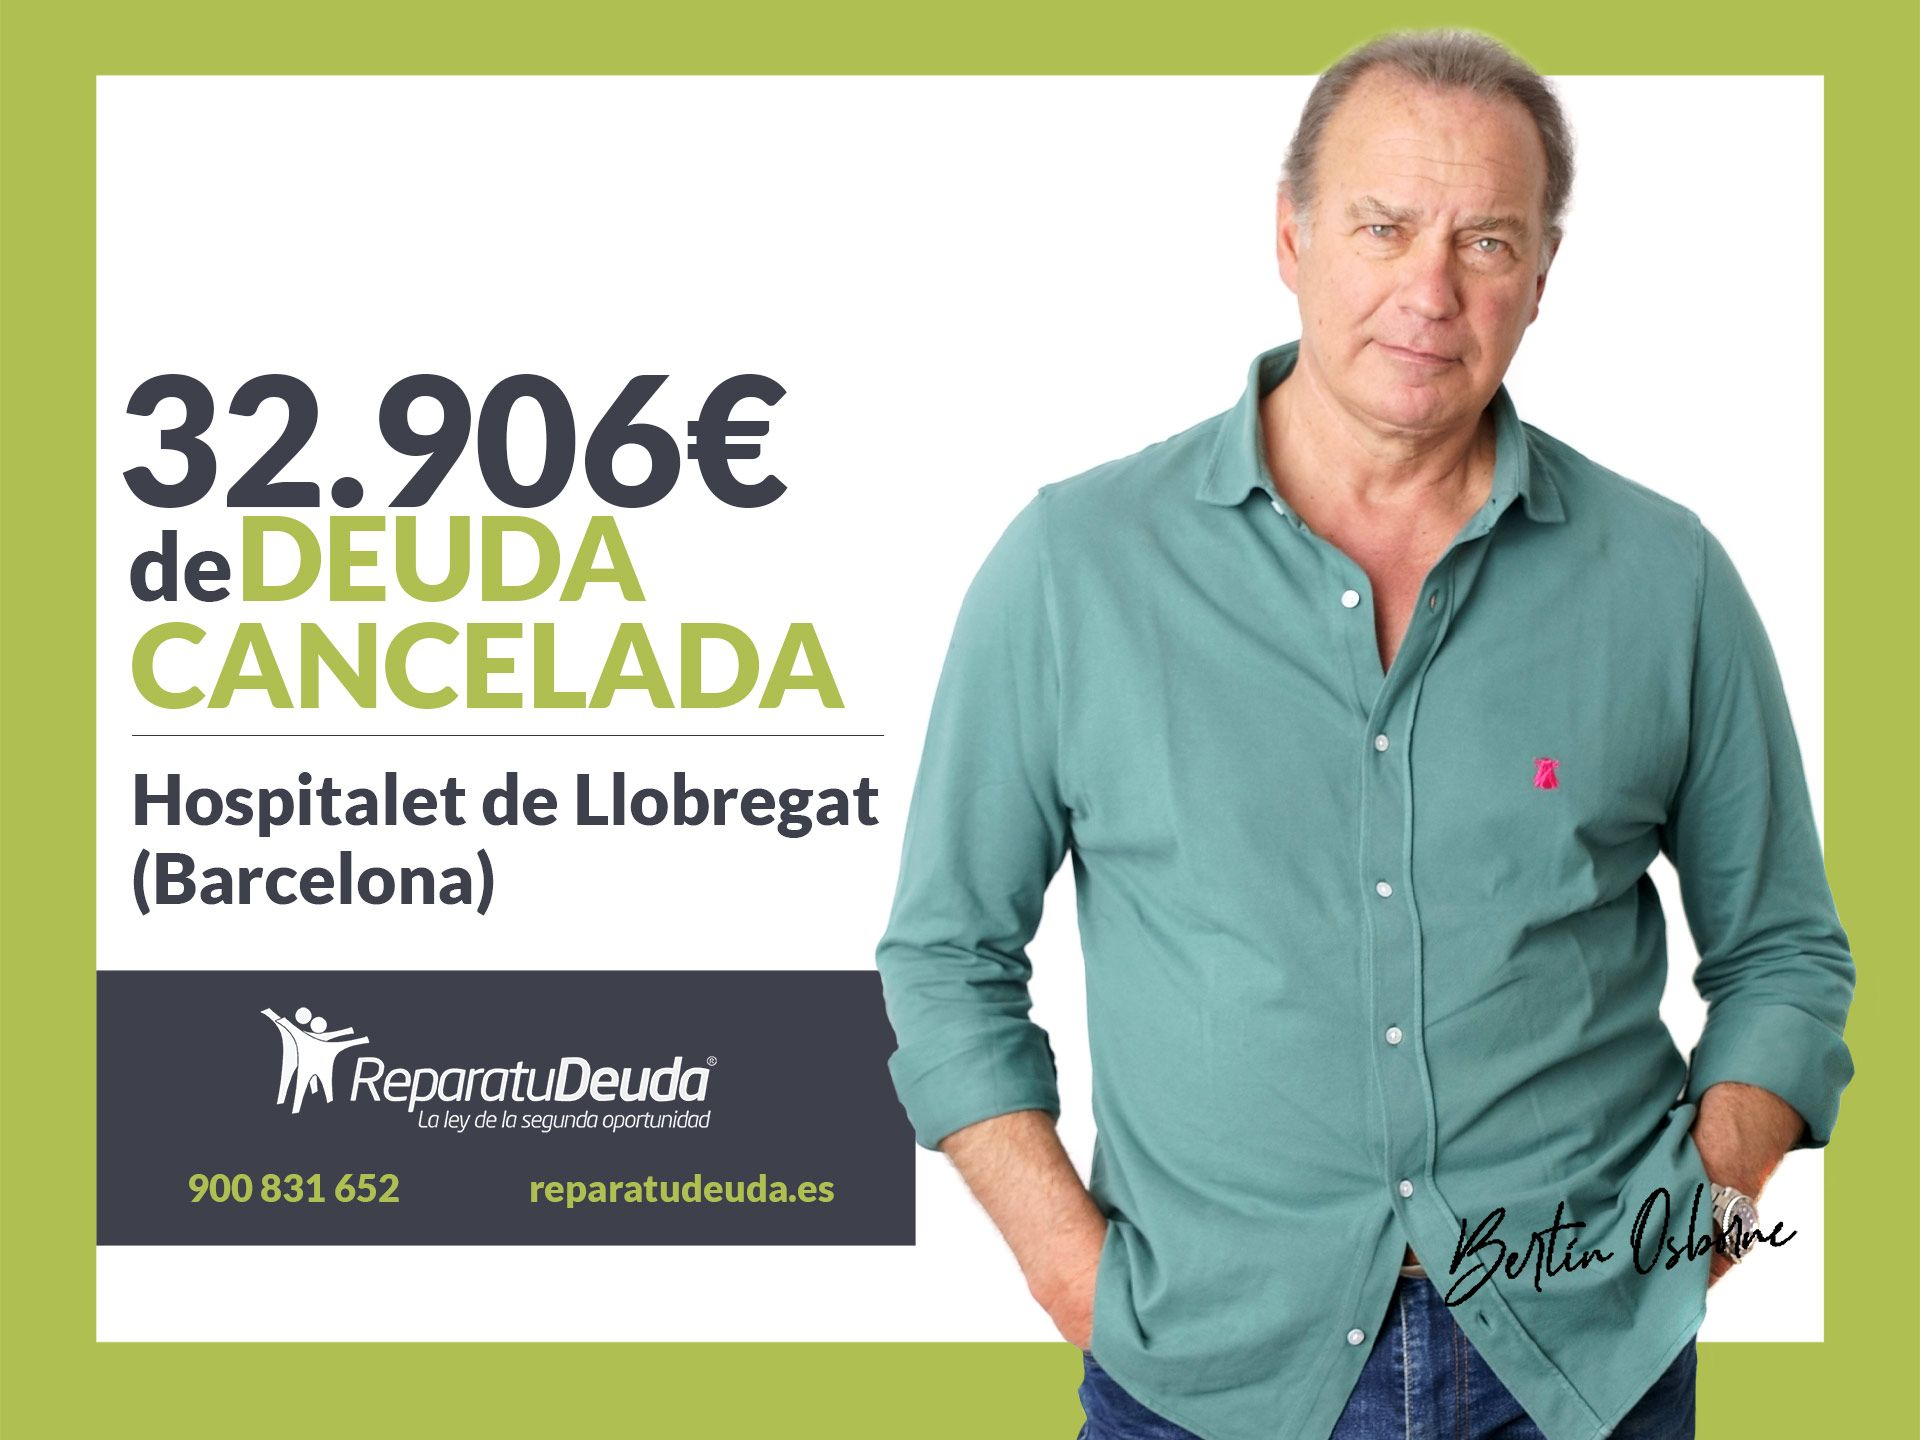 Repara tu Deuda cancela 32.906 € en L´Hospitalet de Llobregat (Barcelona) con la Ley de Segunda Oportunidad